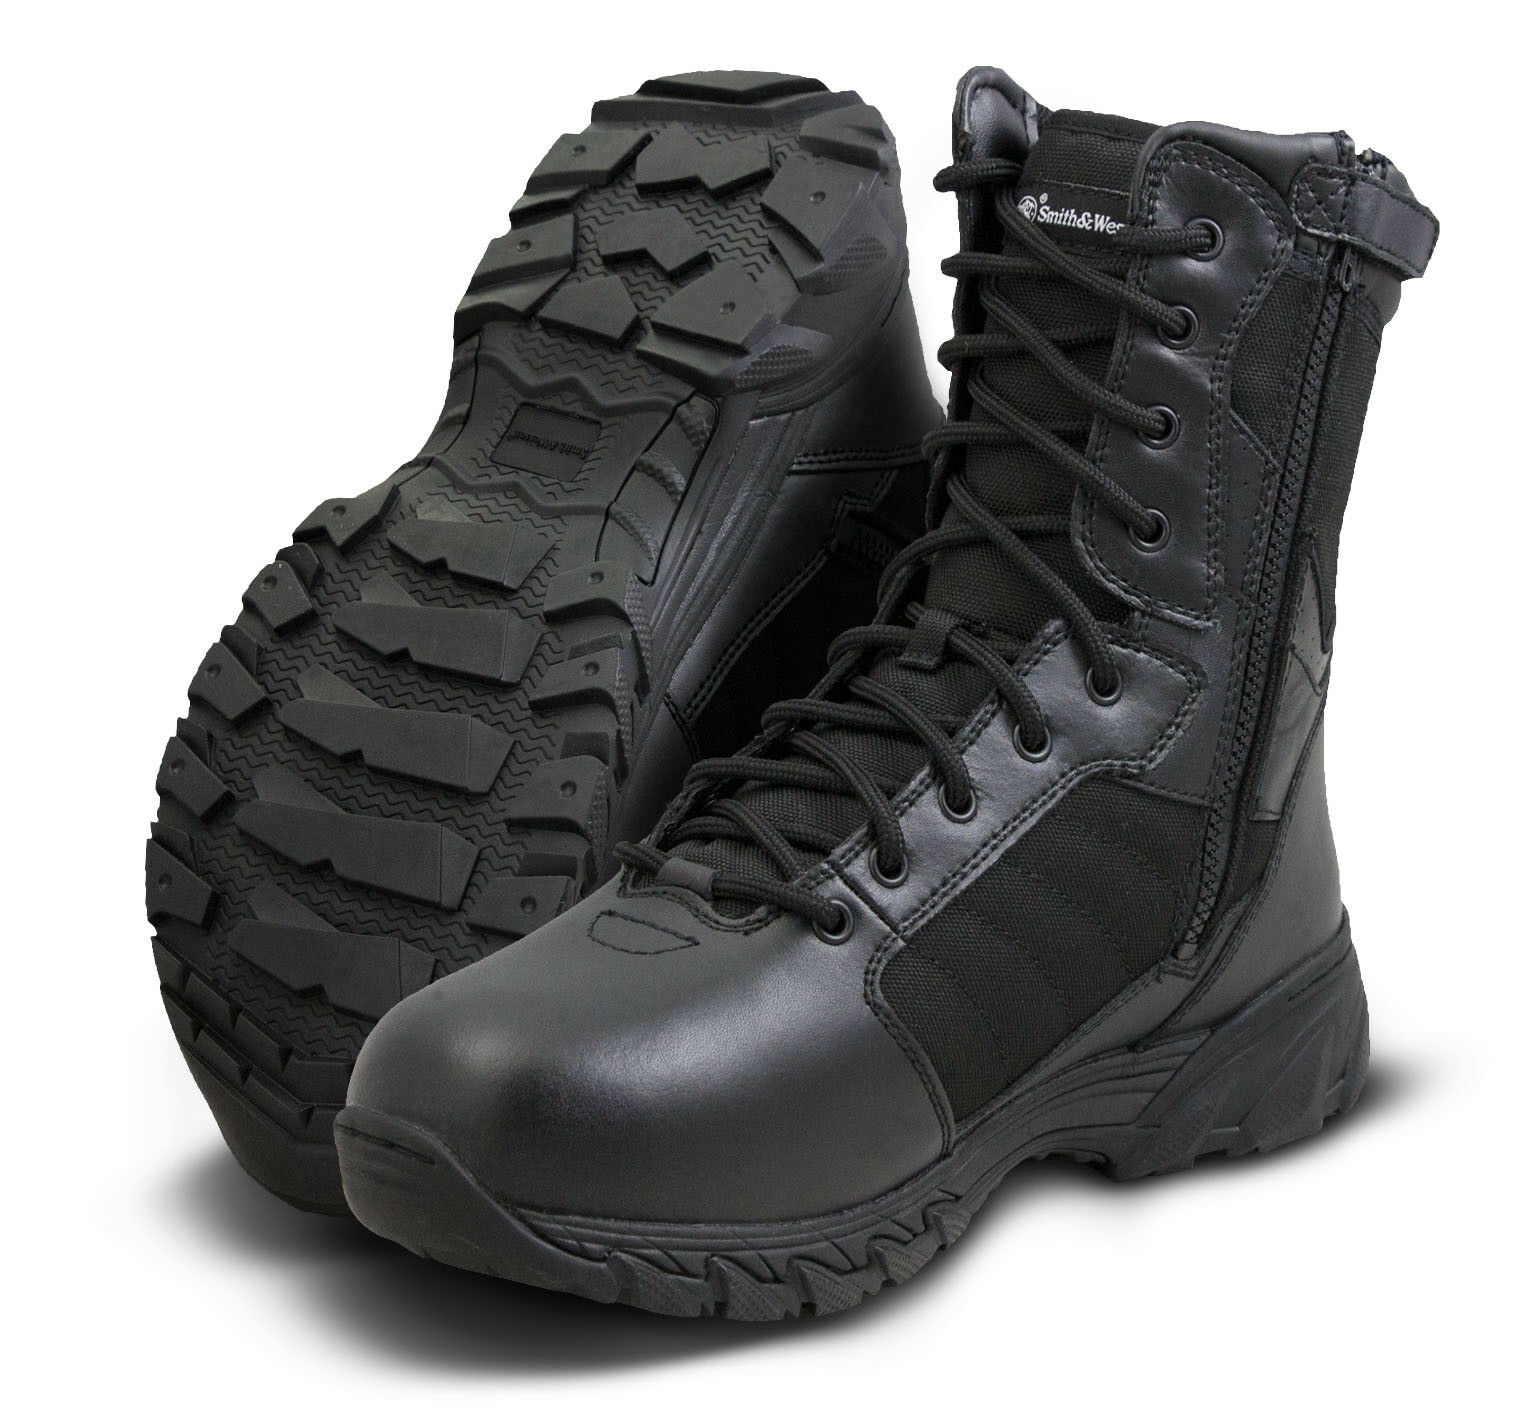 Smith & Wesson Breach 2.0 8  Cremallera Lateral botas Negras